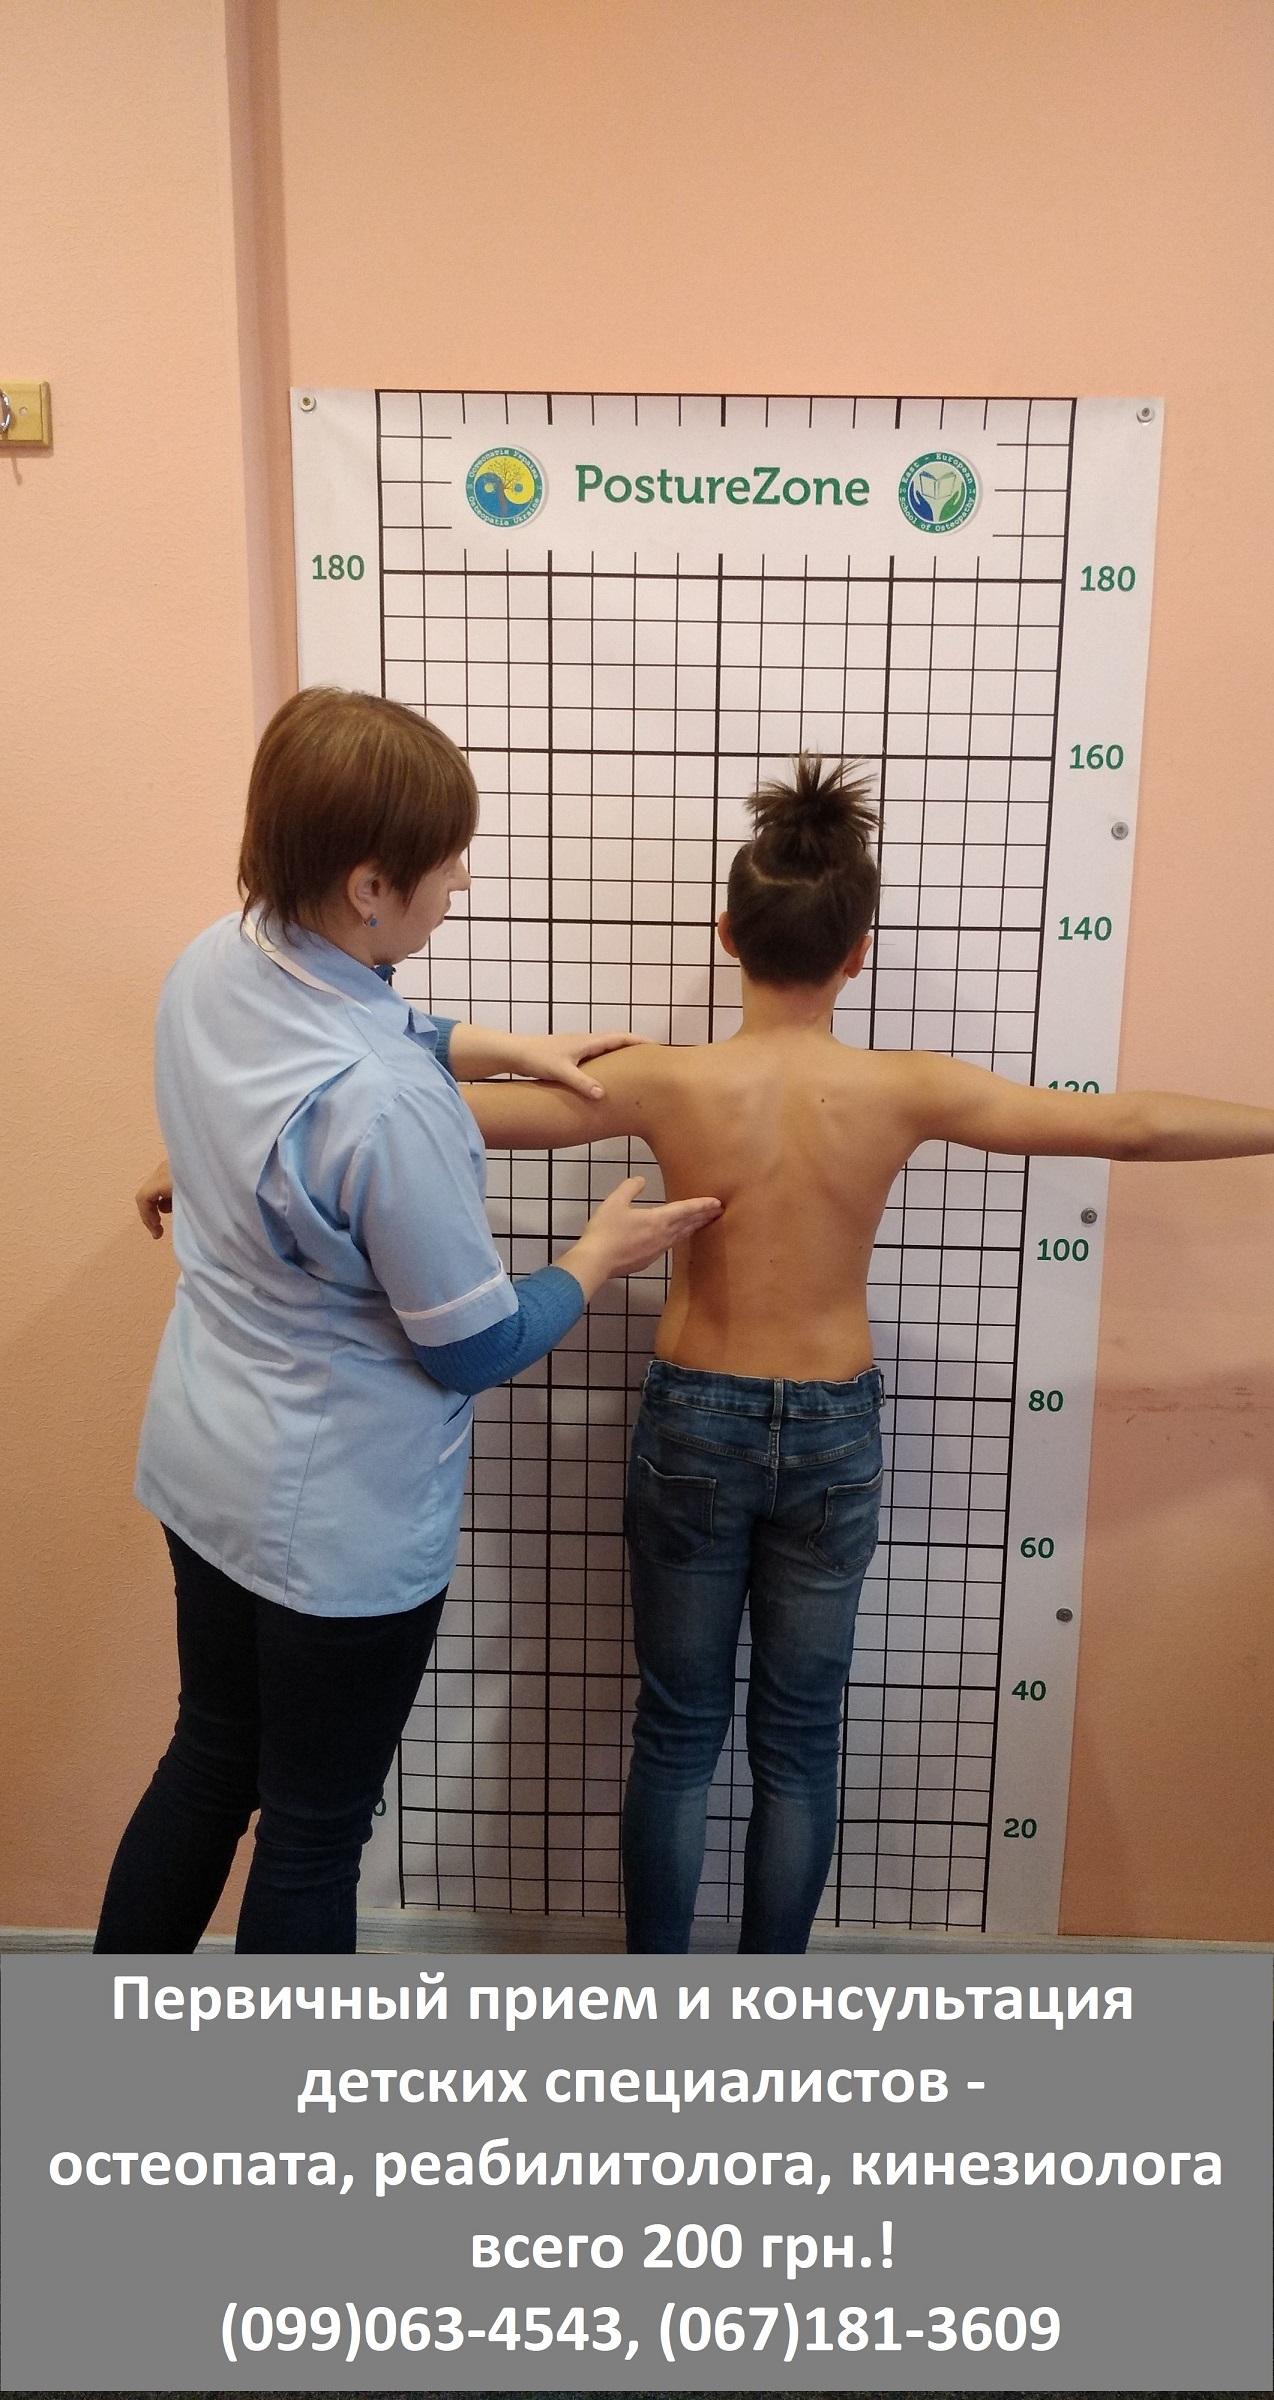 Прием и консультация детского реабилитолога